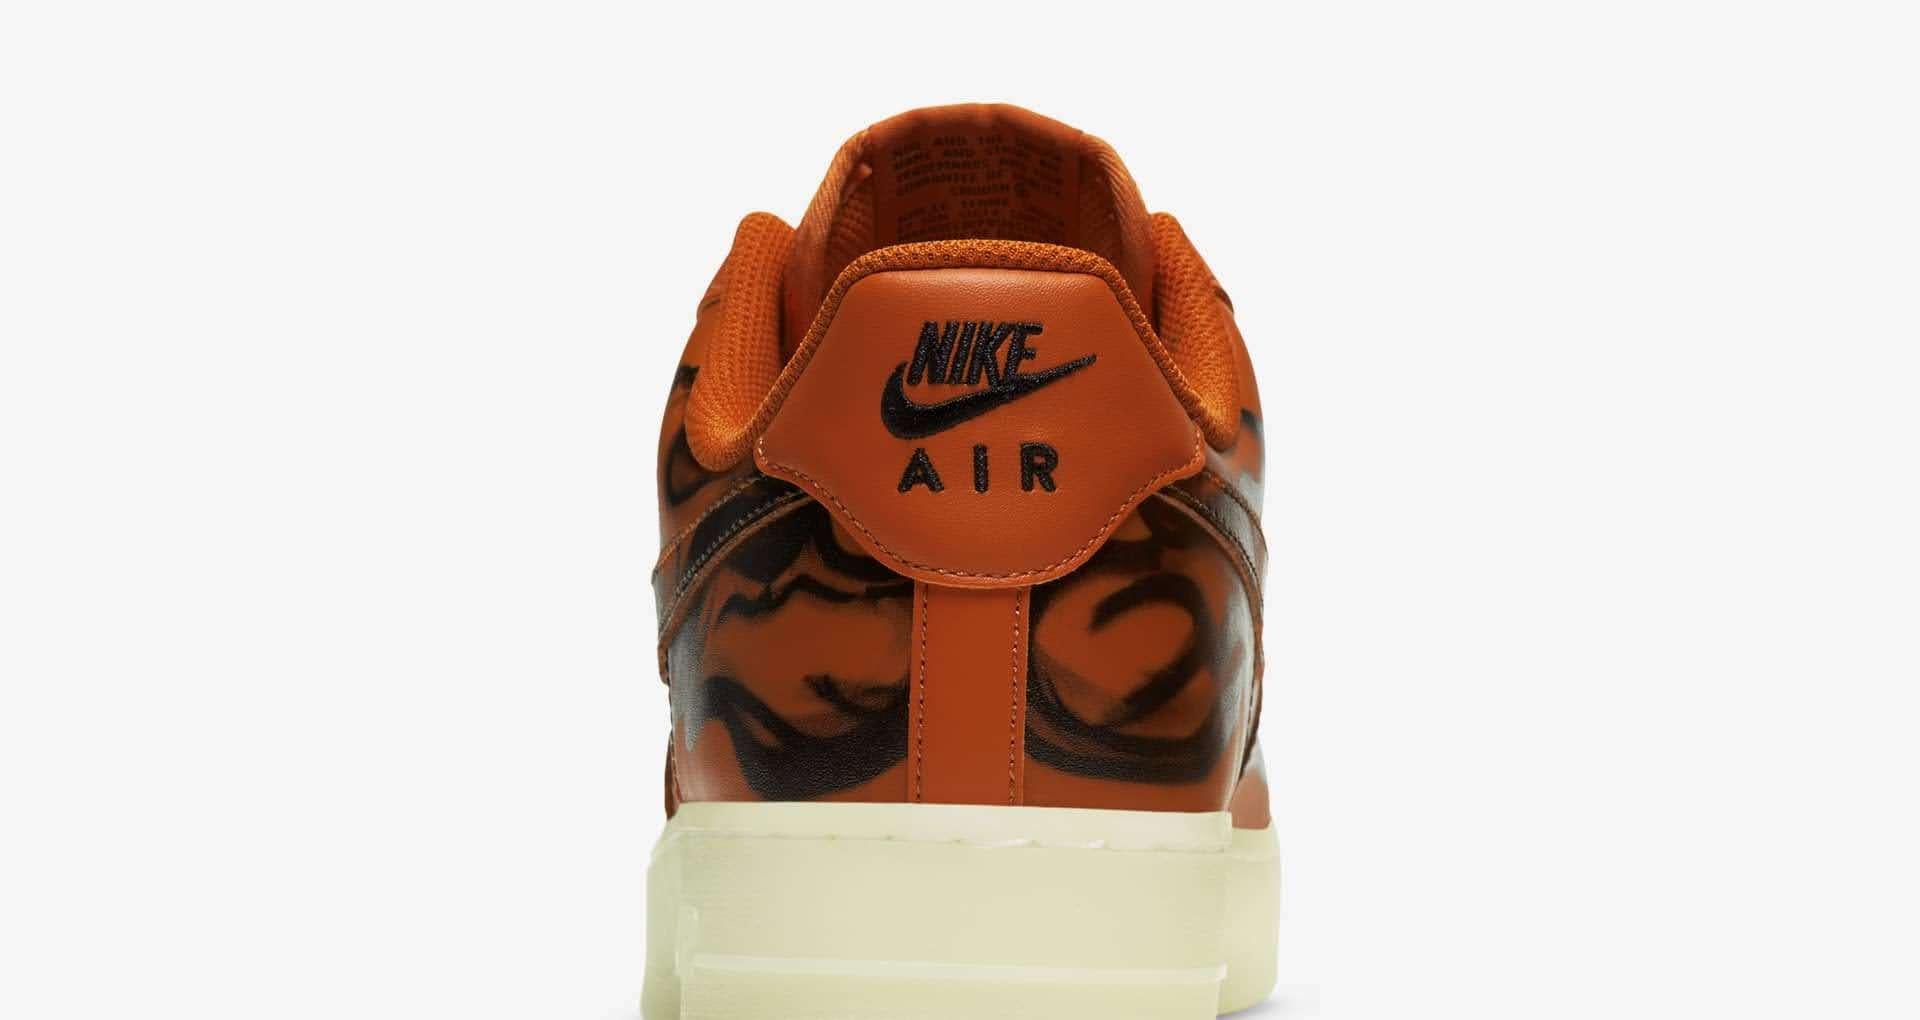 ナイキ エア フォース 1 スケルトン オレンジ nike-1-orange-af-1-skeleton-qs-cu8067-800-heel-closeup